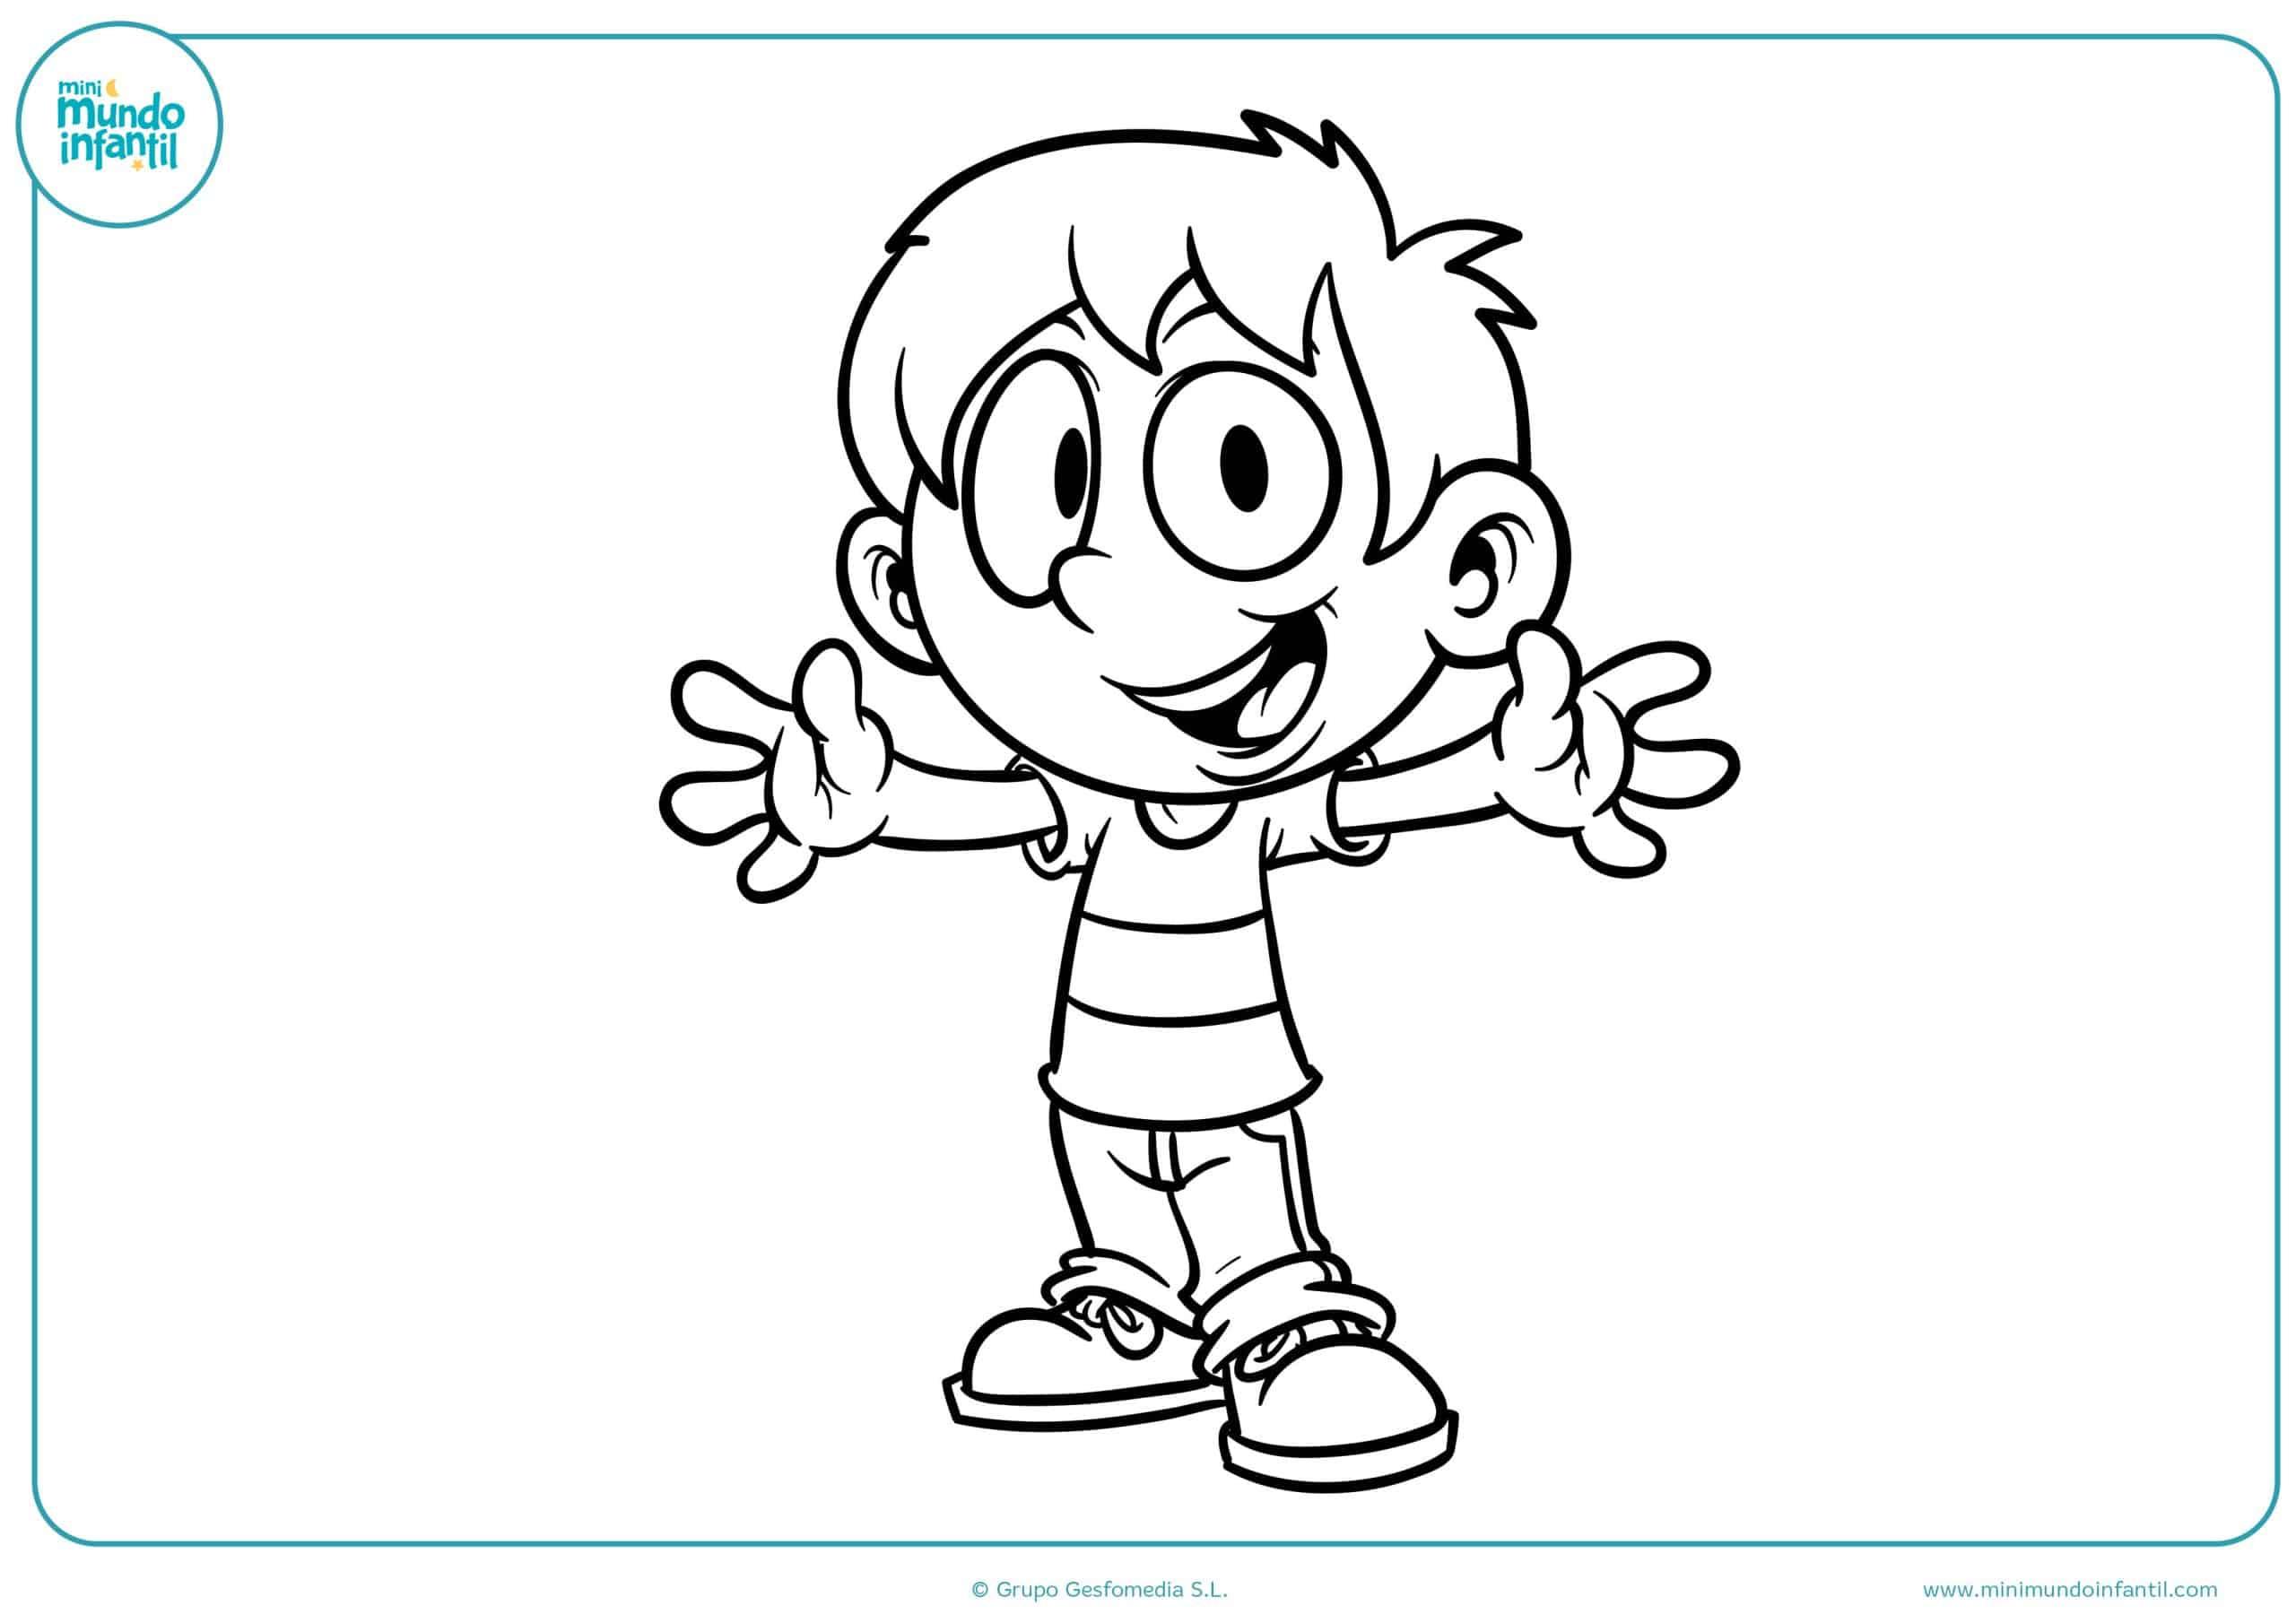 Descargar dibujo jugando niños niñas colorear gratis